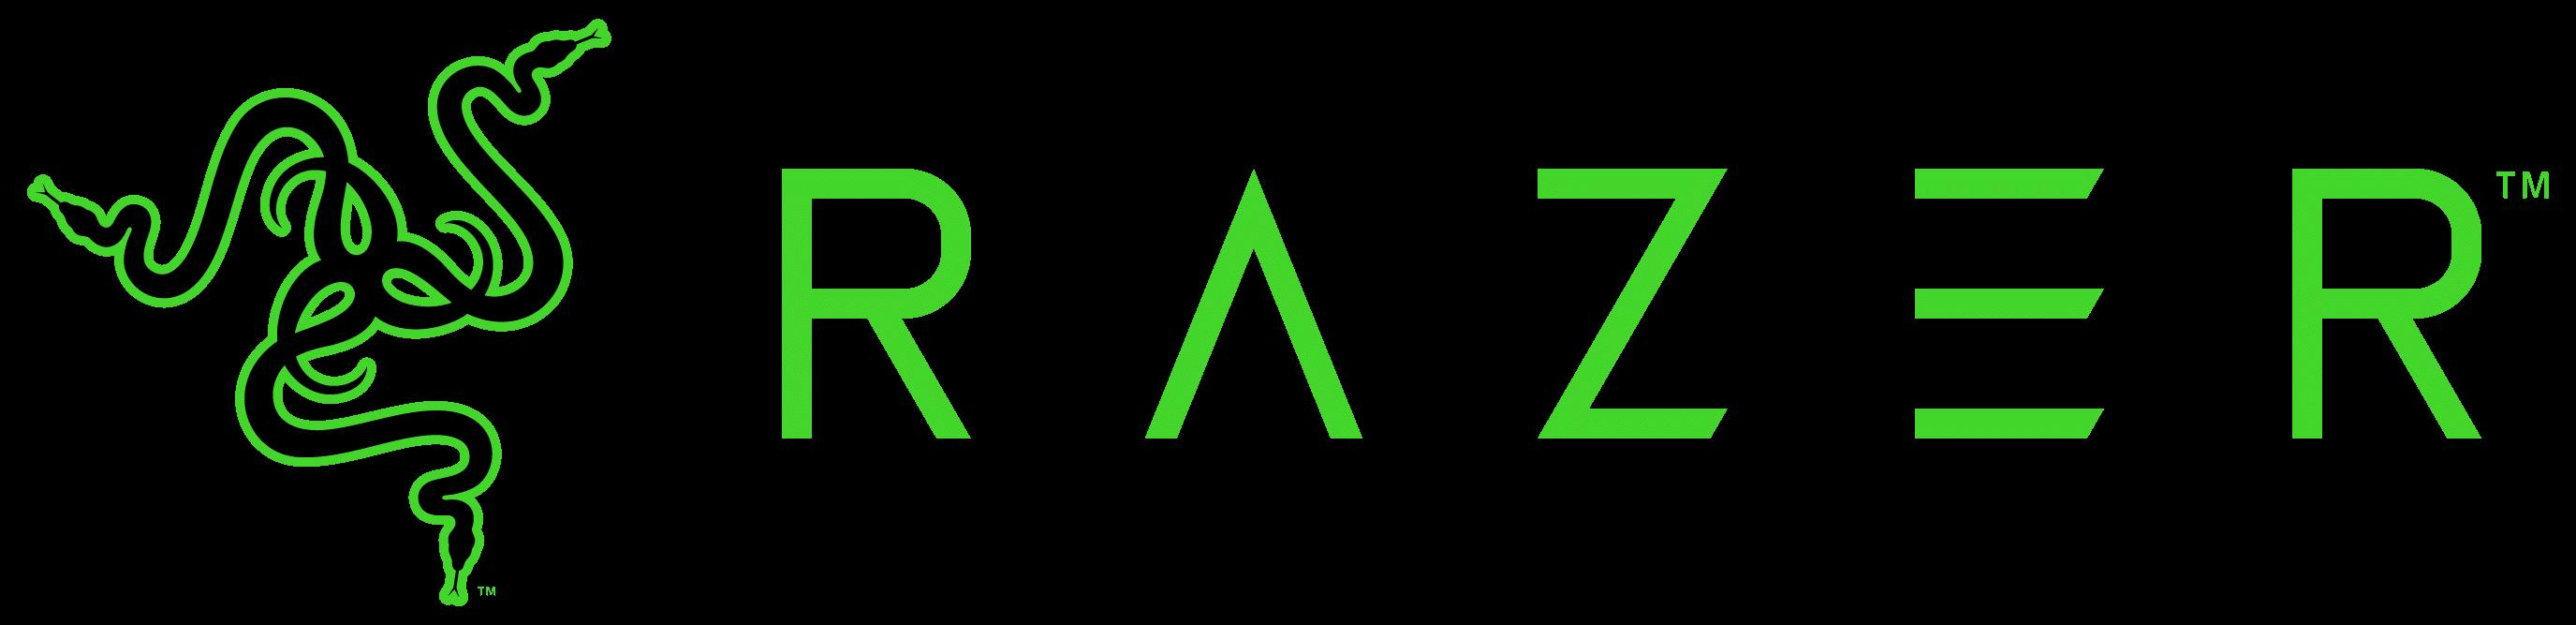 Λογότυπο της Razer.